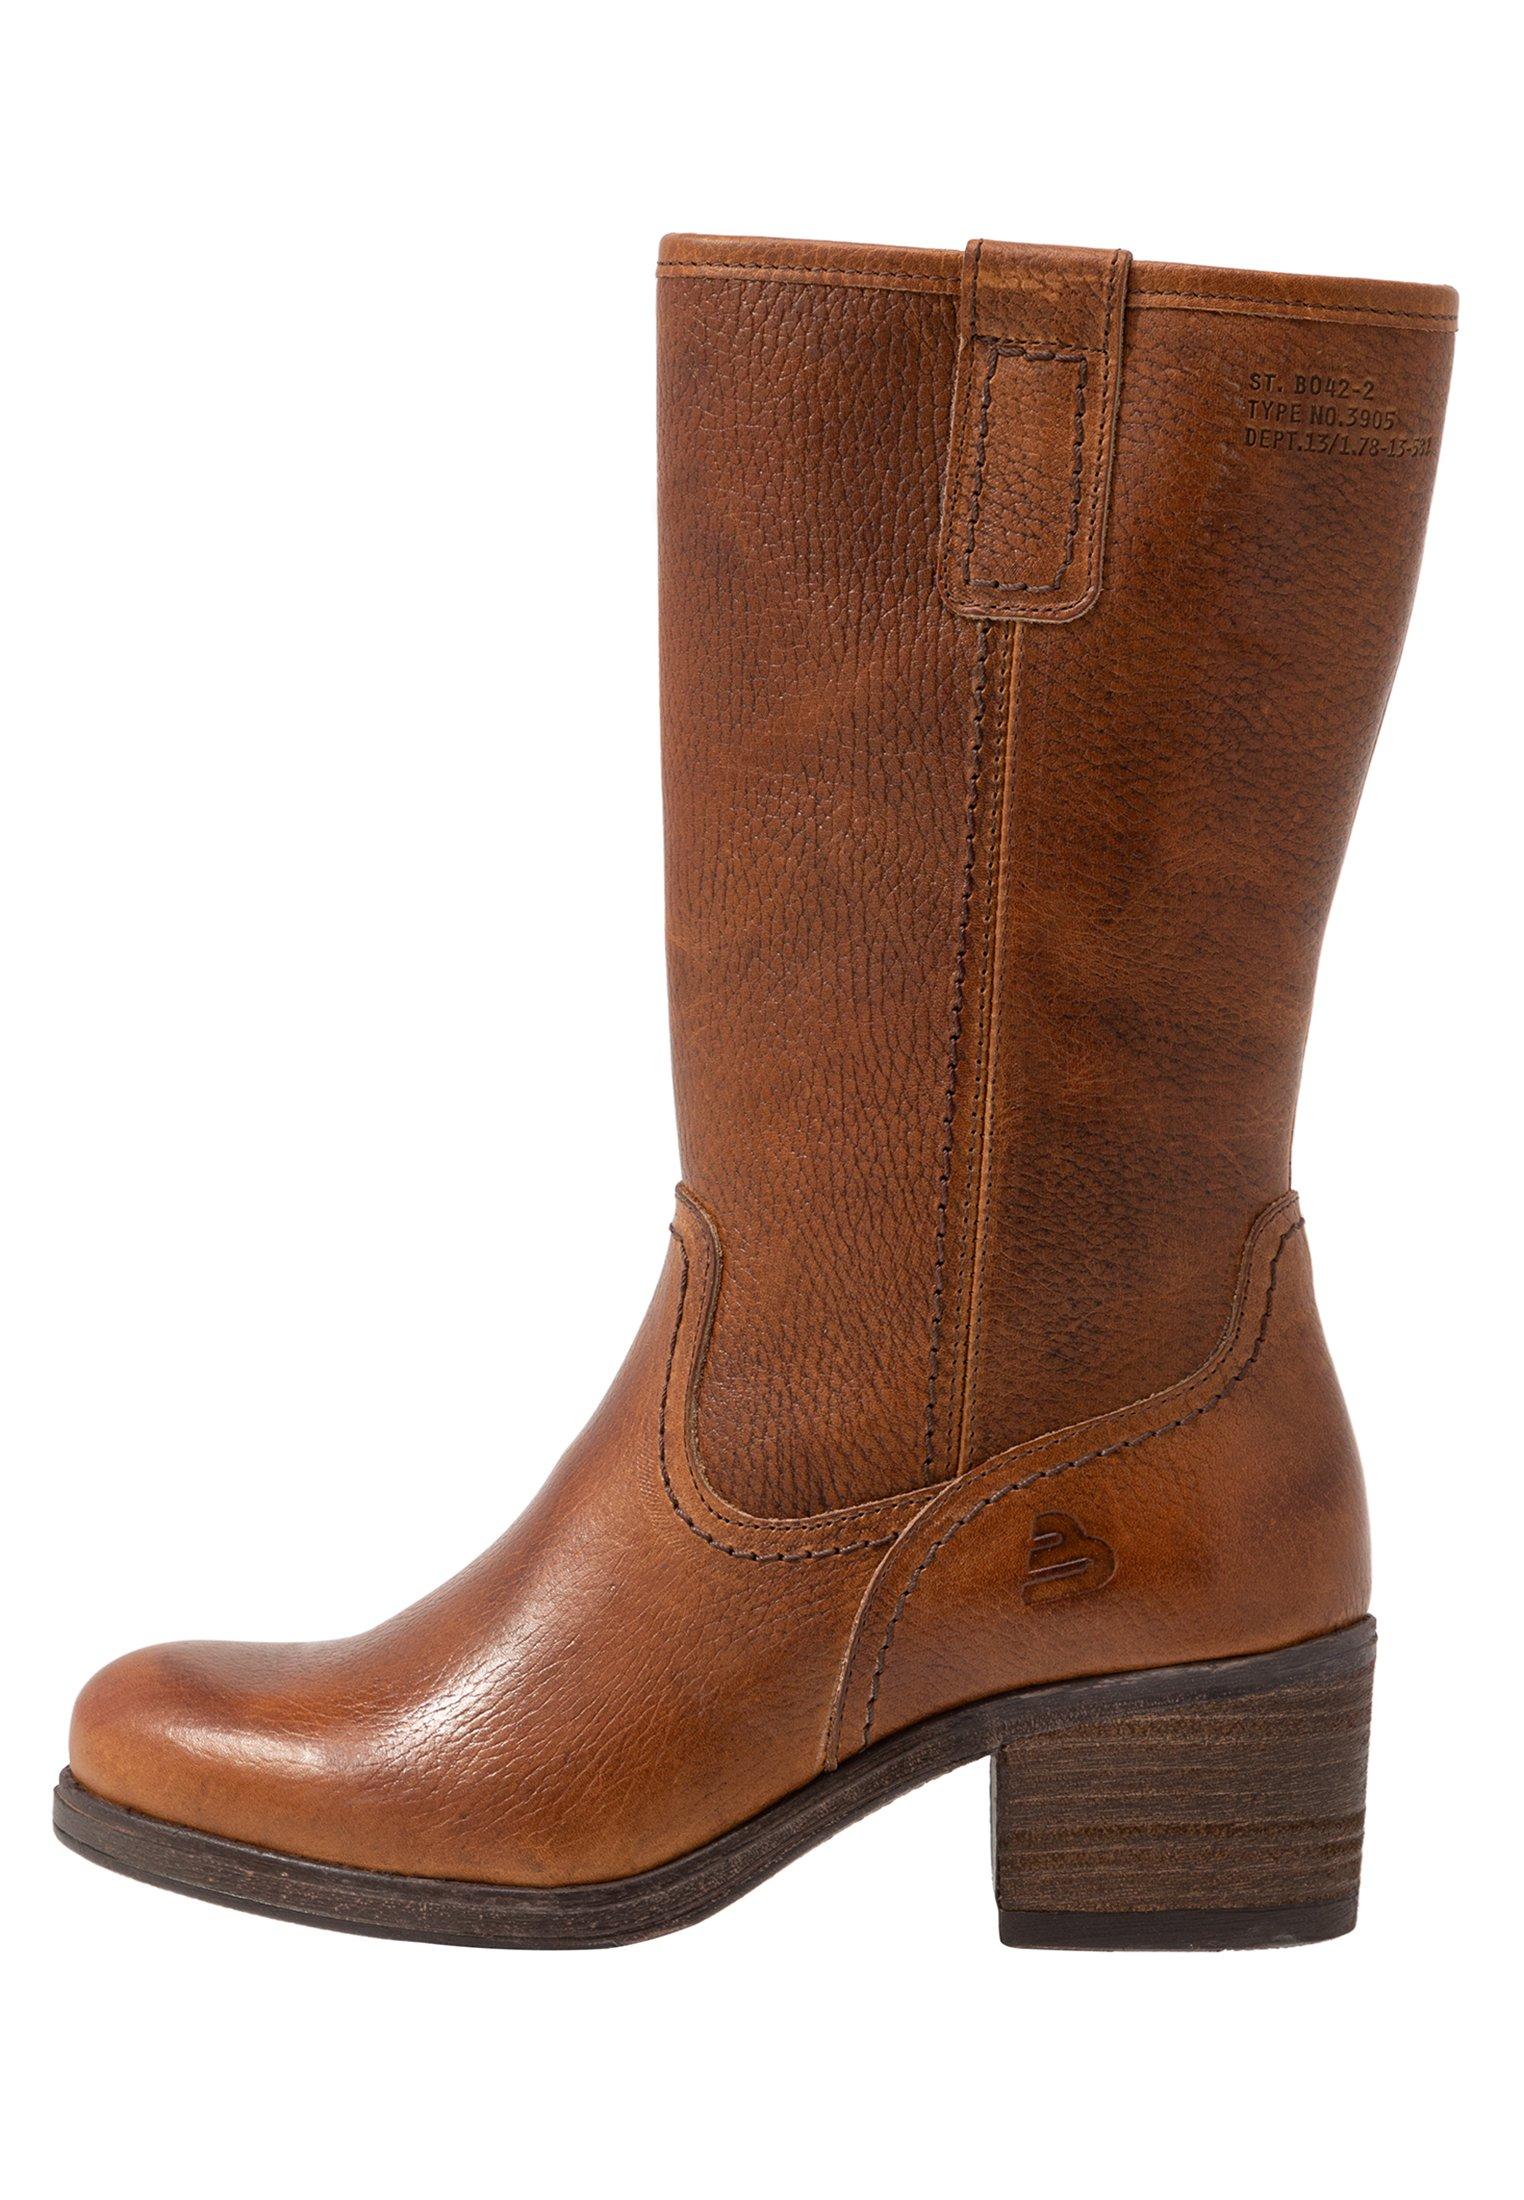 Bullboxer dames laarzen cognac | Nelson Schoenen online